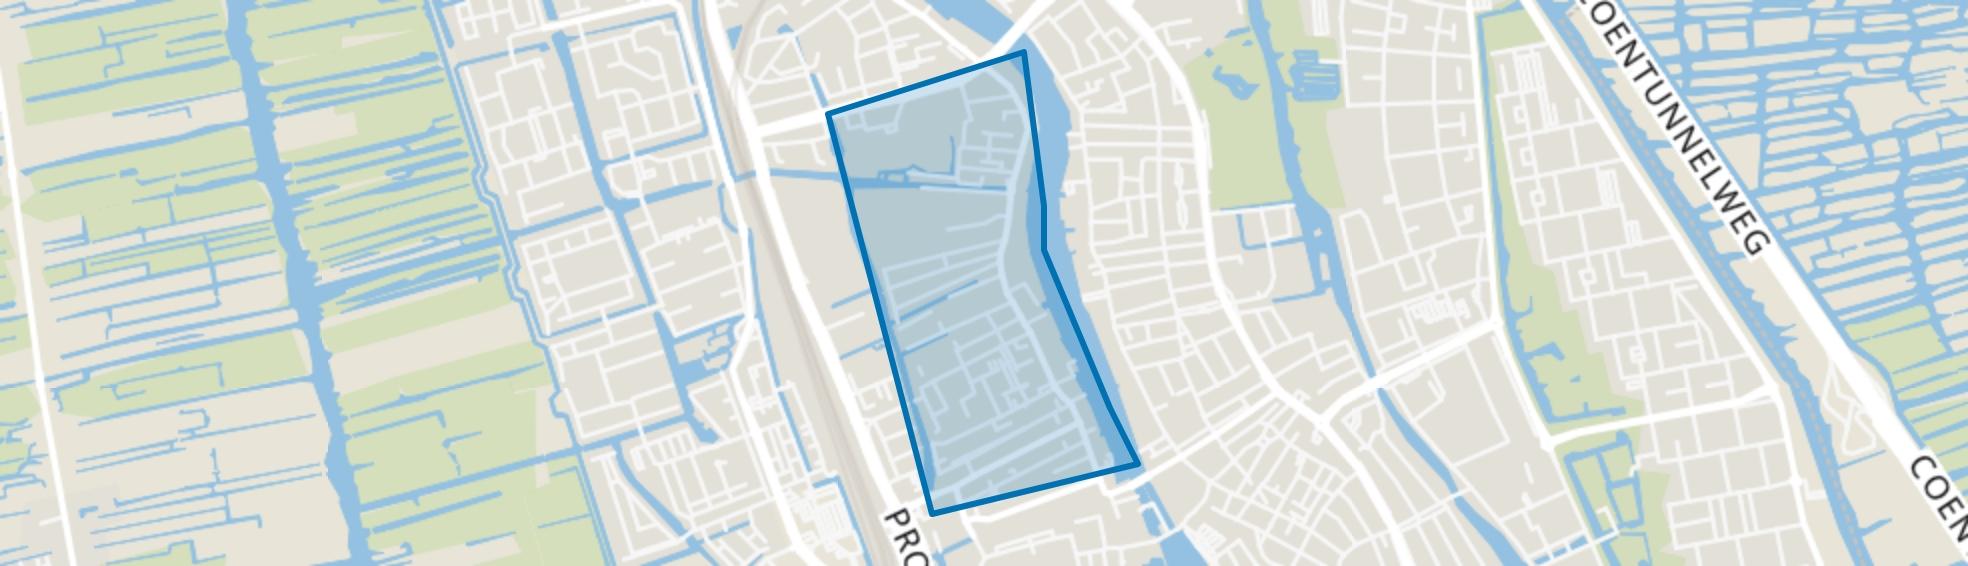 Oud West, Zaandam map